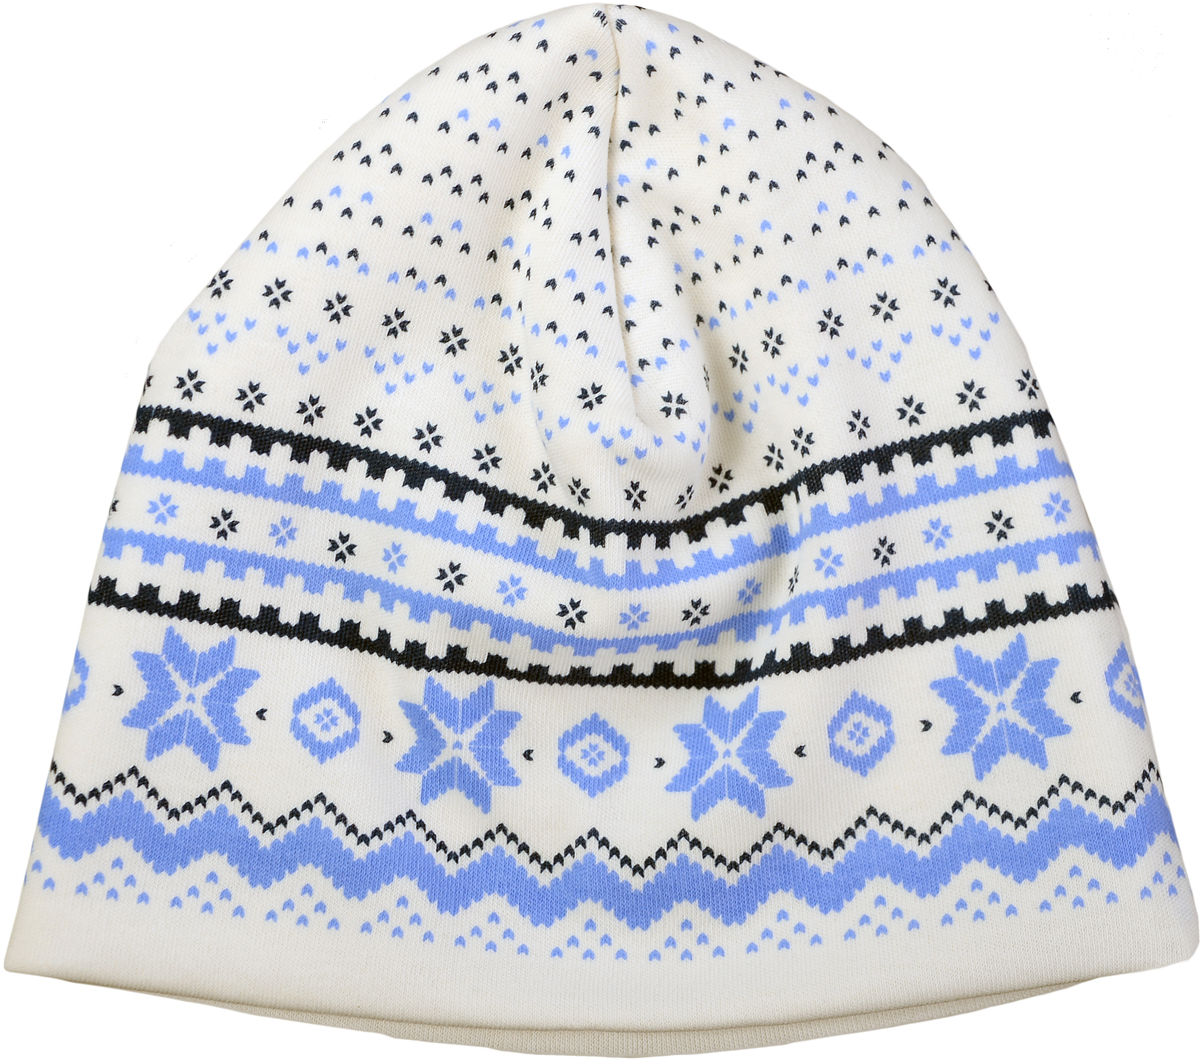 Шапка детская Мамуляндия Зимняя, цвет: молочный. 17-519. Размер 8617-519Детская шапка выполнена из натурального хлопка. Модель оформлена оригинальным принтом.